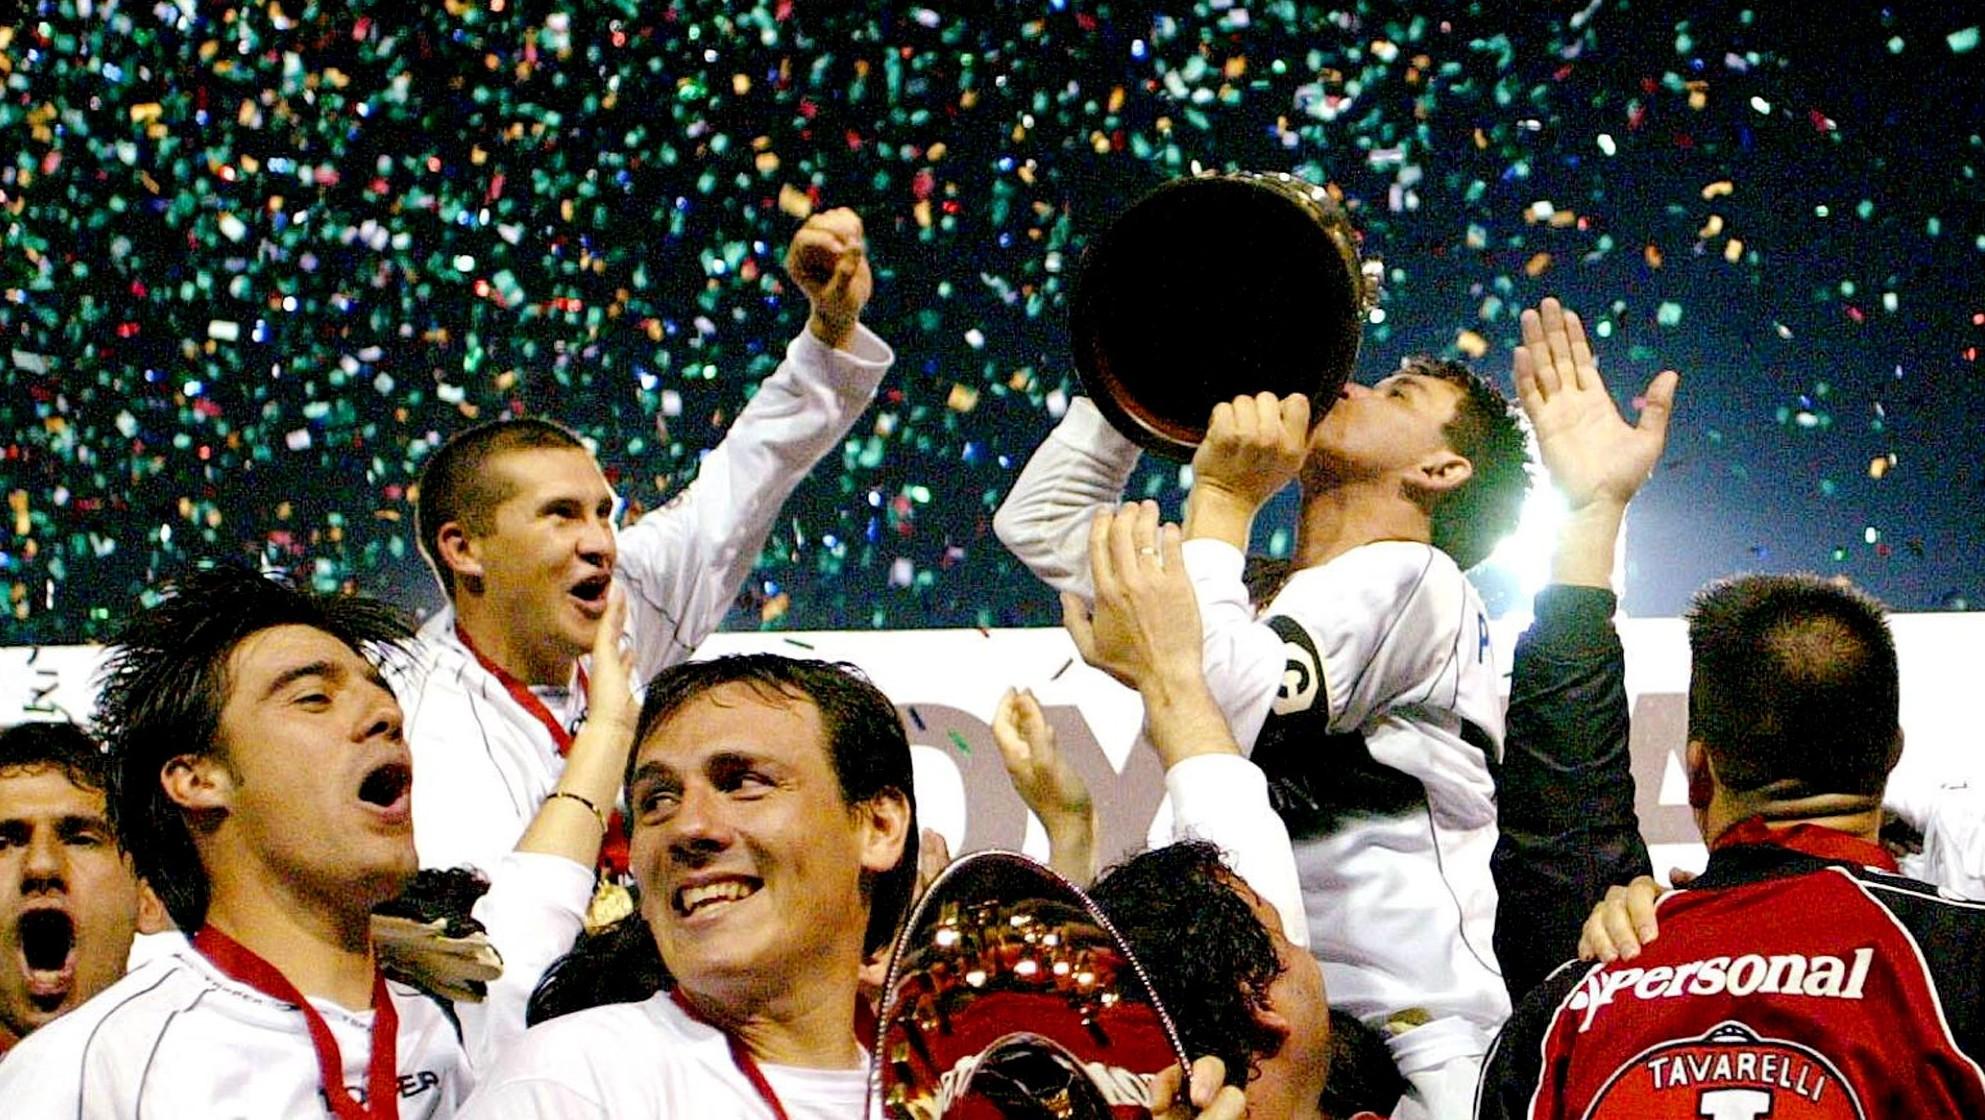 olimpia-2002.jpg_515506567